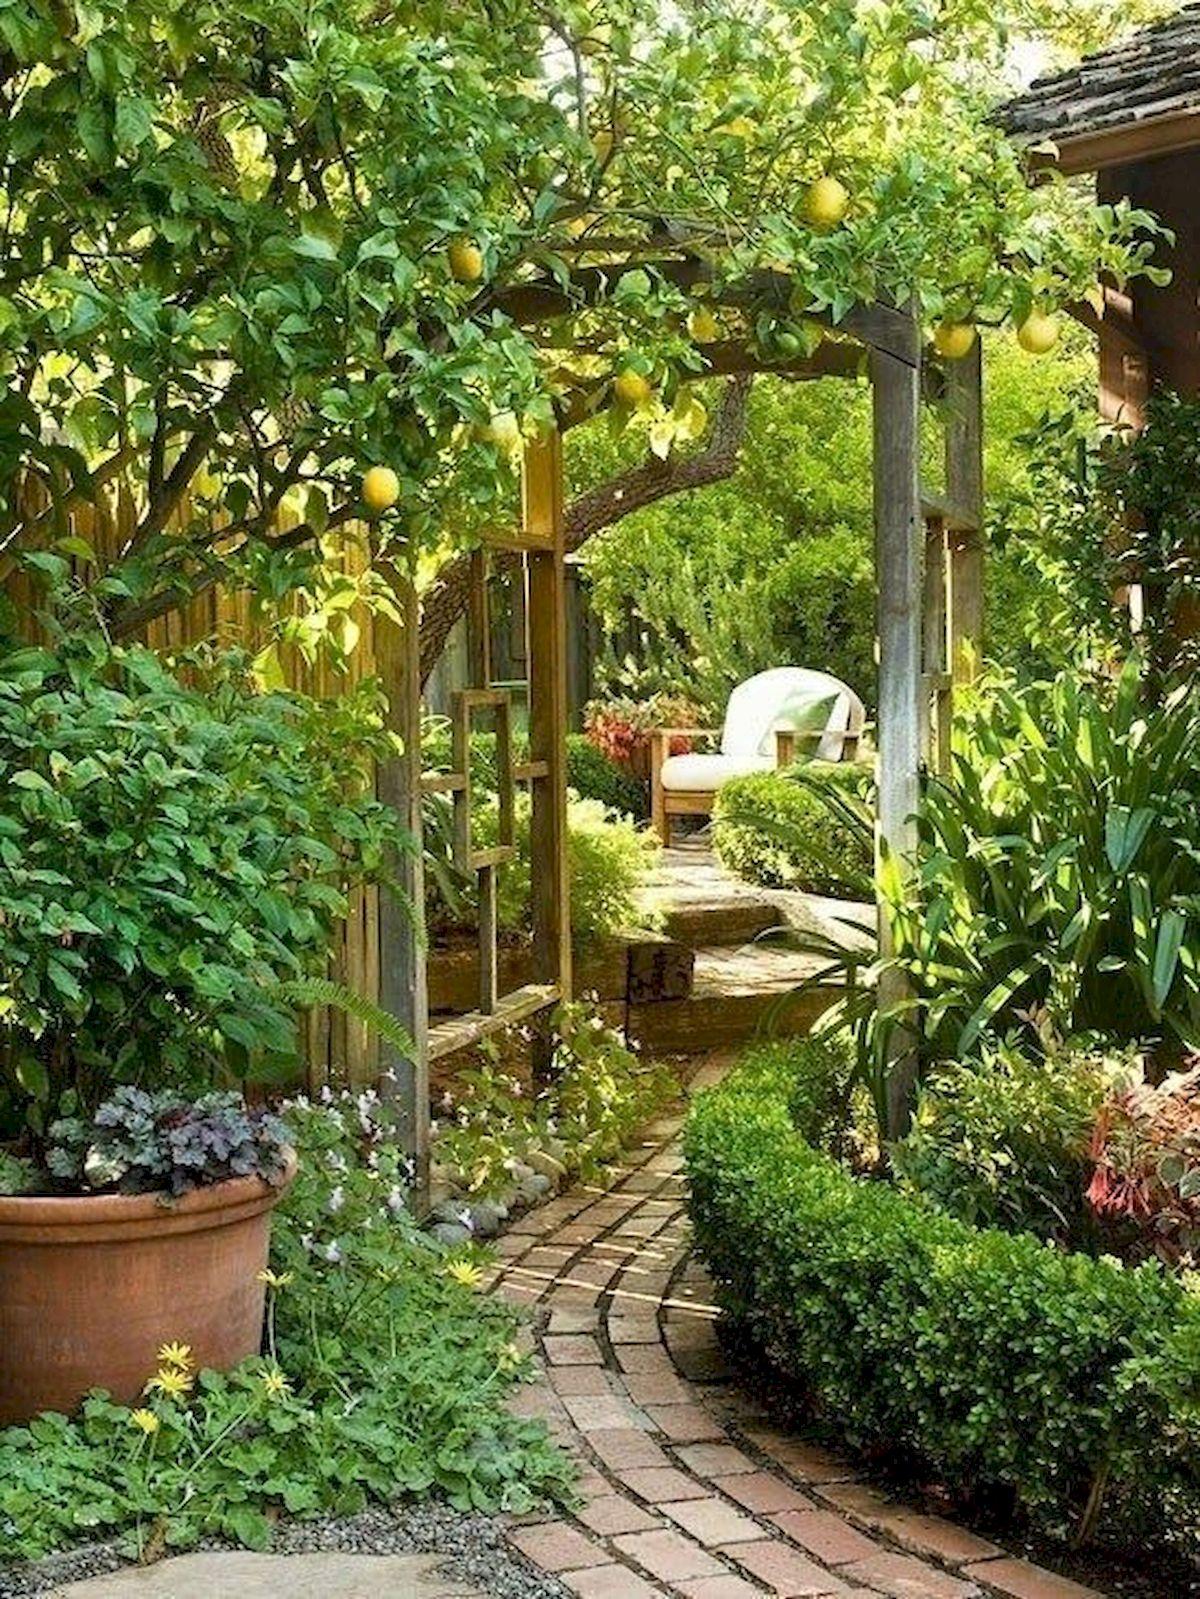 35 Stunning Backyard Garden Design Ideas (2)